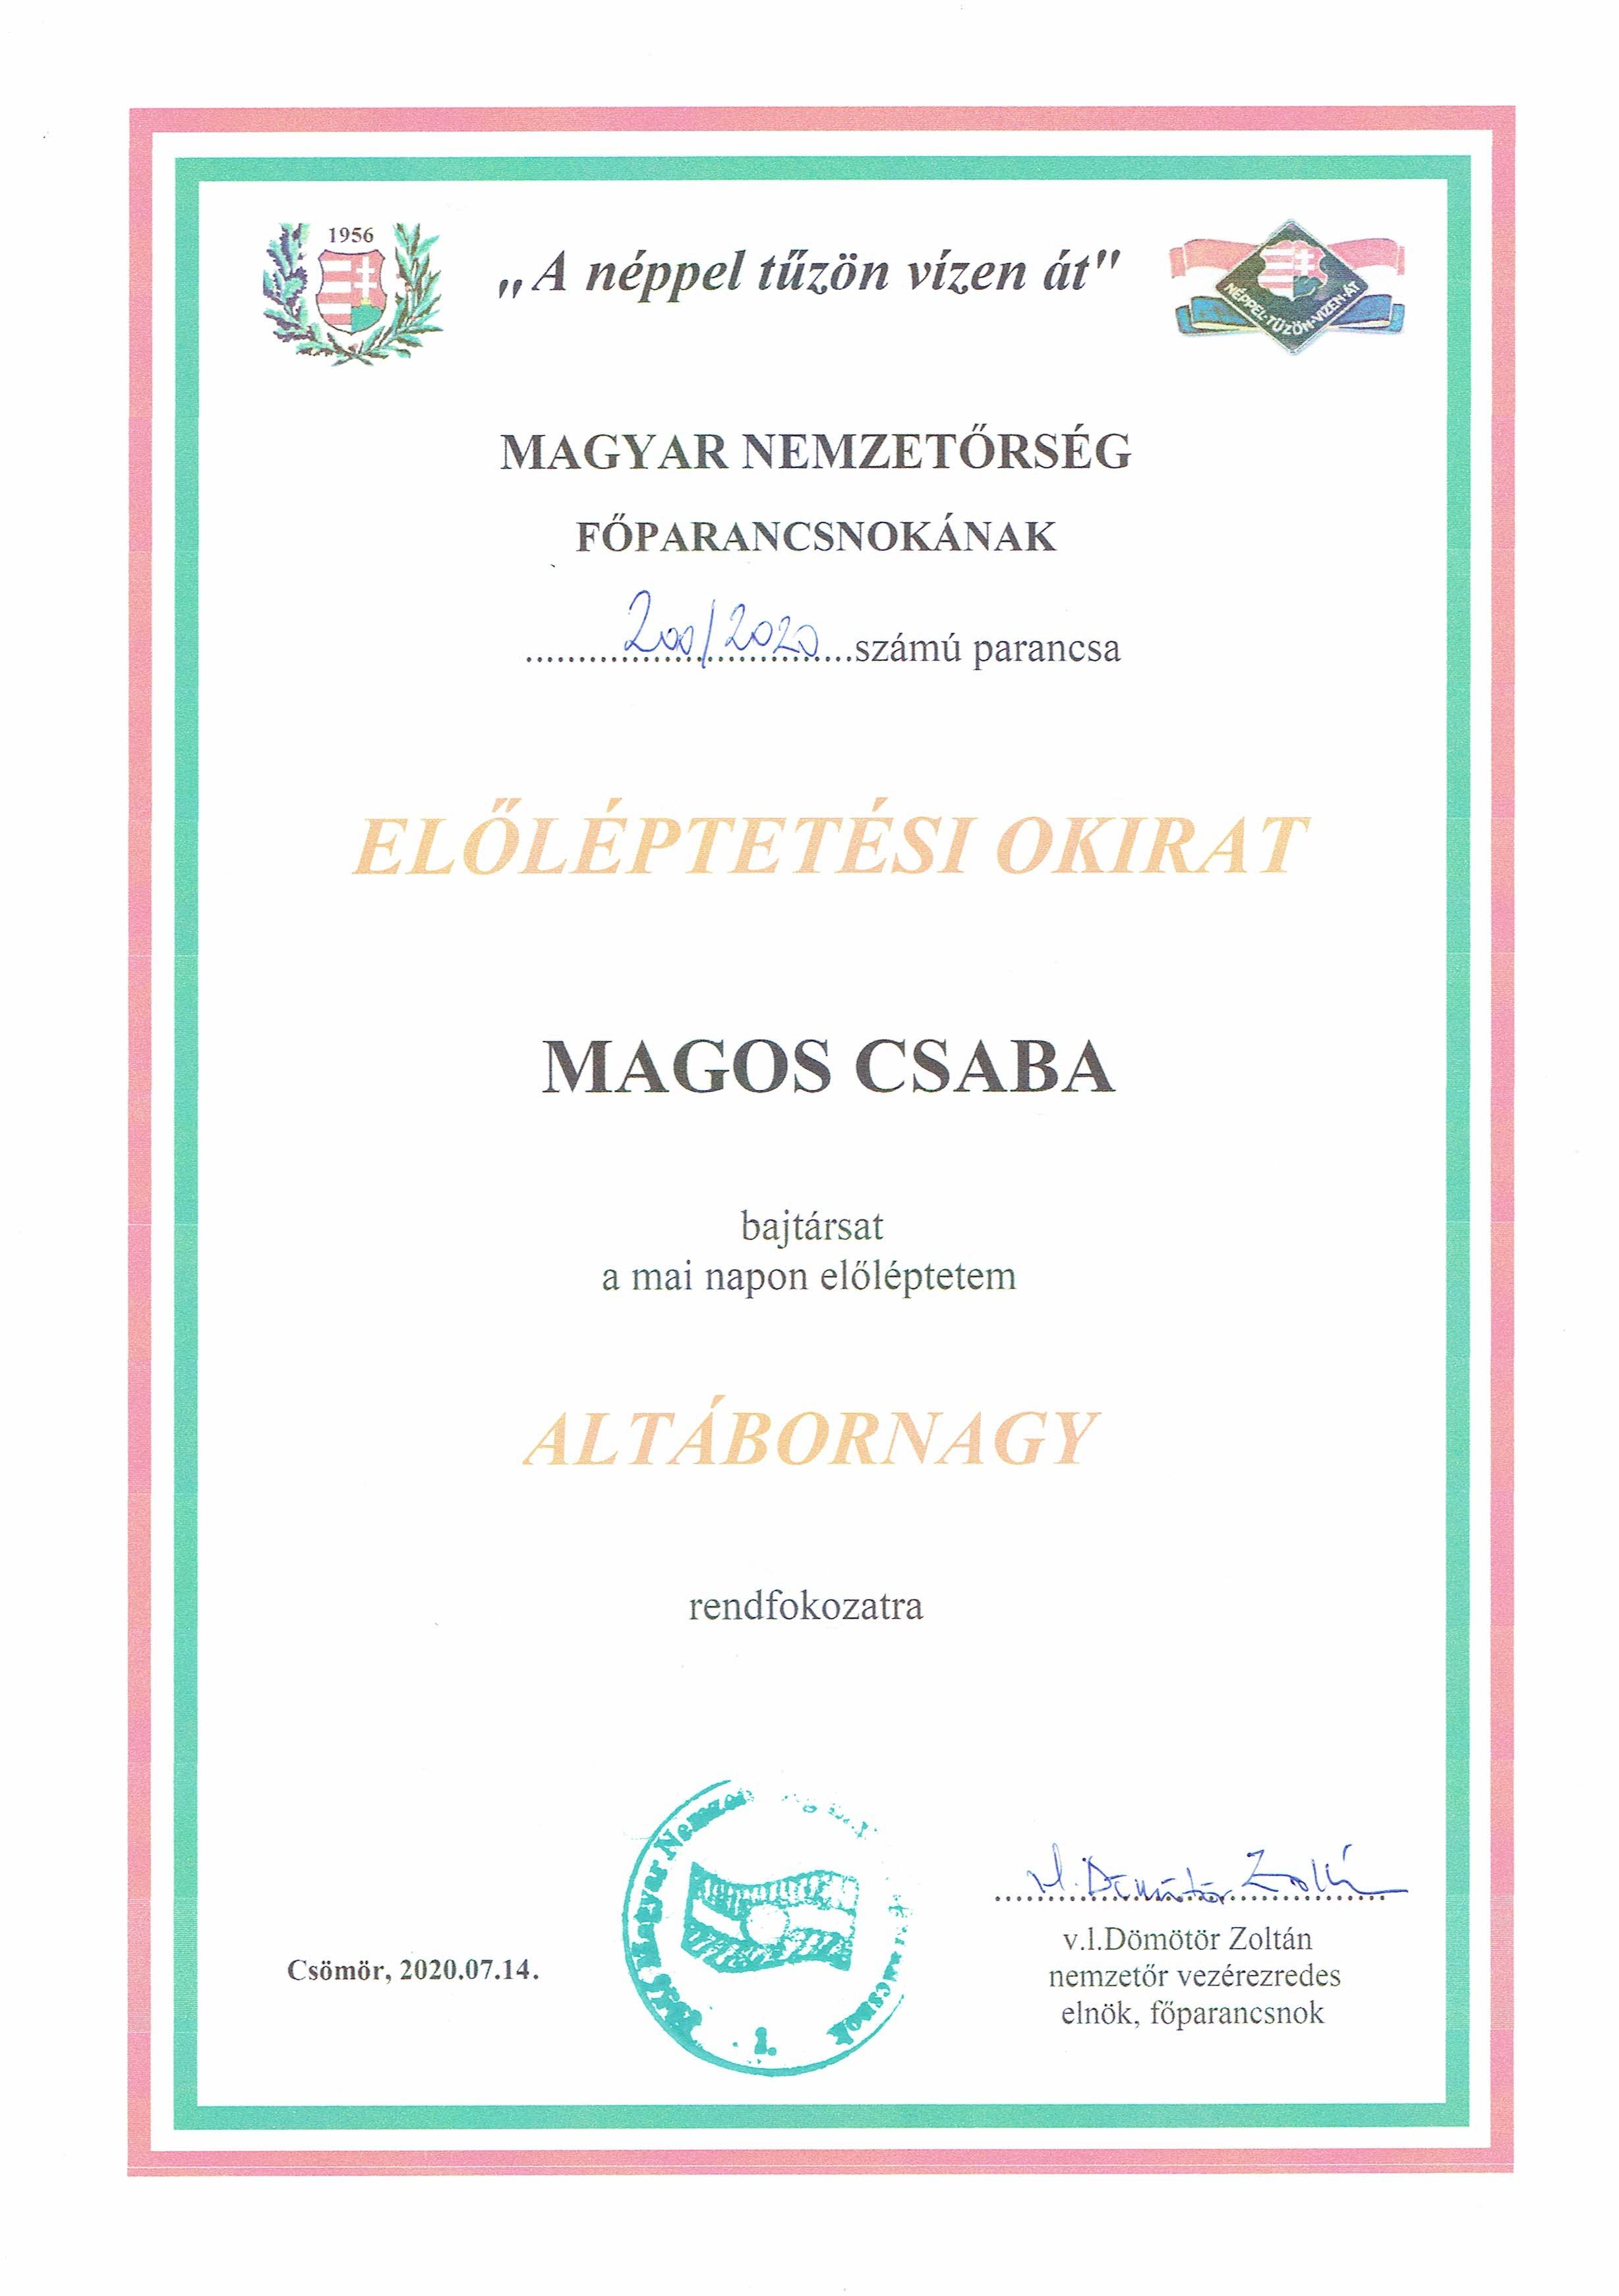 ELŐLÉPTETÉSI-MAGOS-CSABA-ALTÁBORNAGY